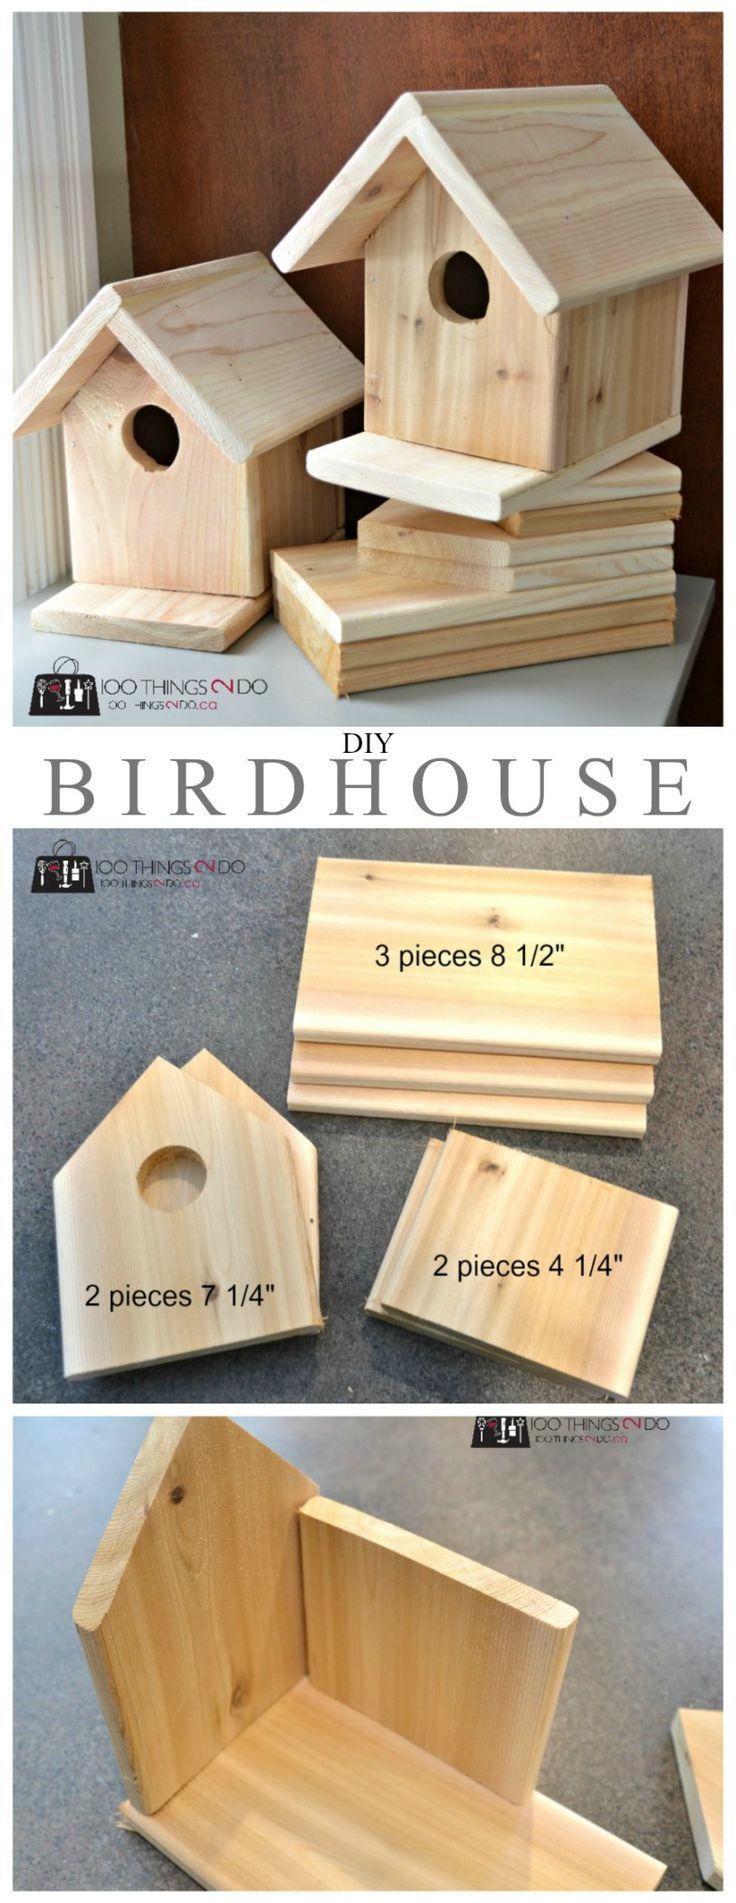 Bat house plans woodwork city free woodworking plans - Diy Birdhouse Plans